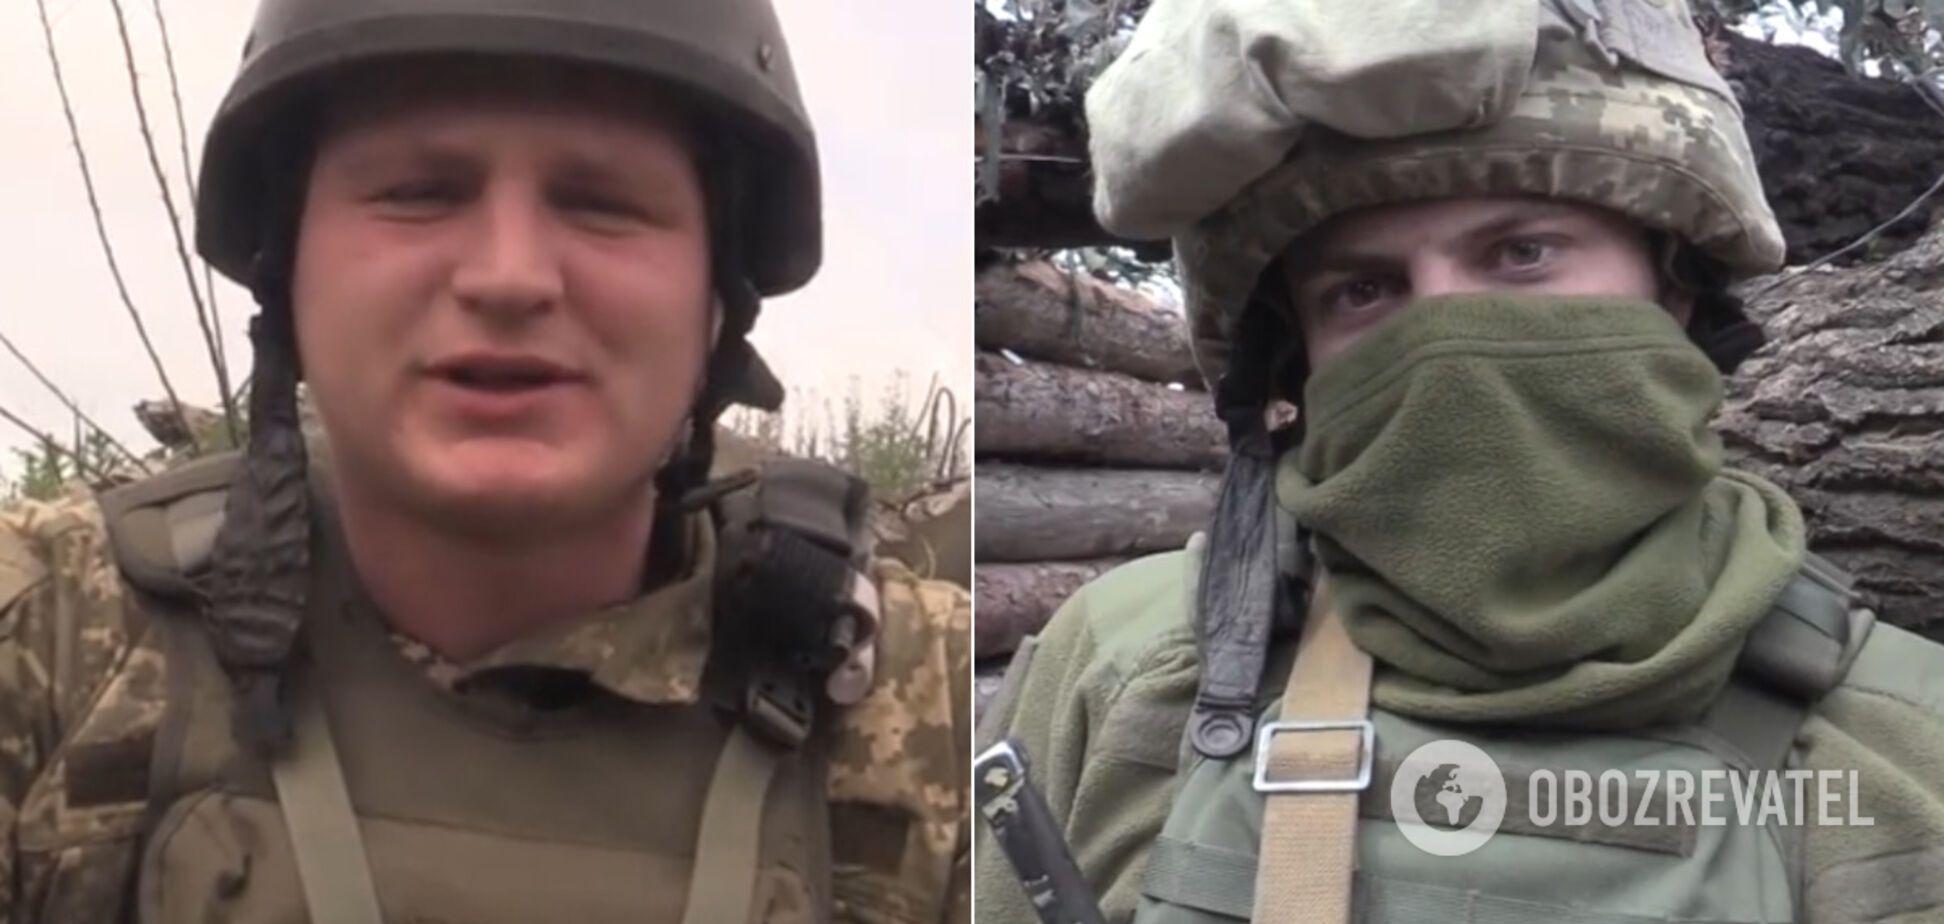 Бійці ООС на Донбасі зворушливо привітали своїх матерів. Відео